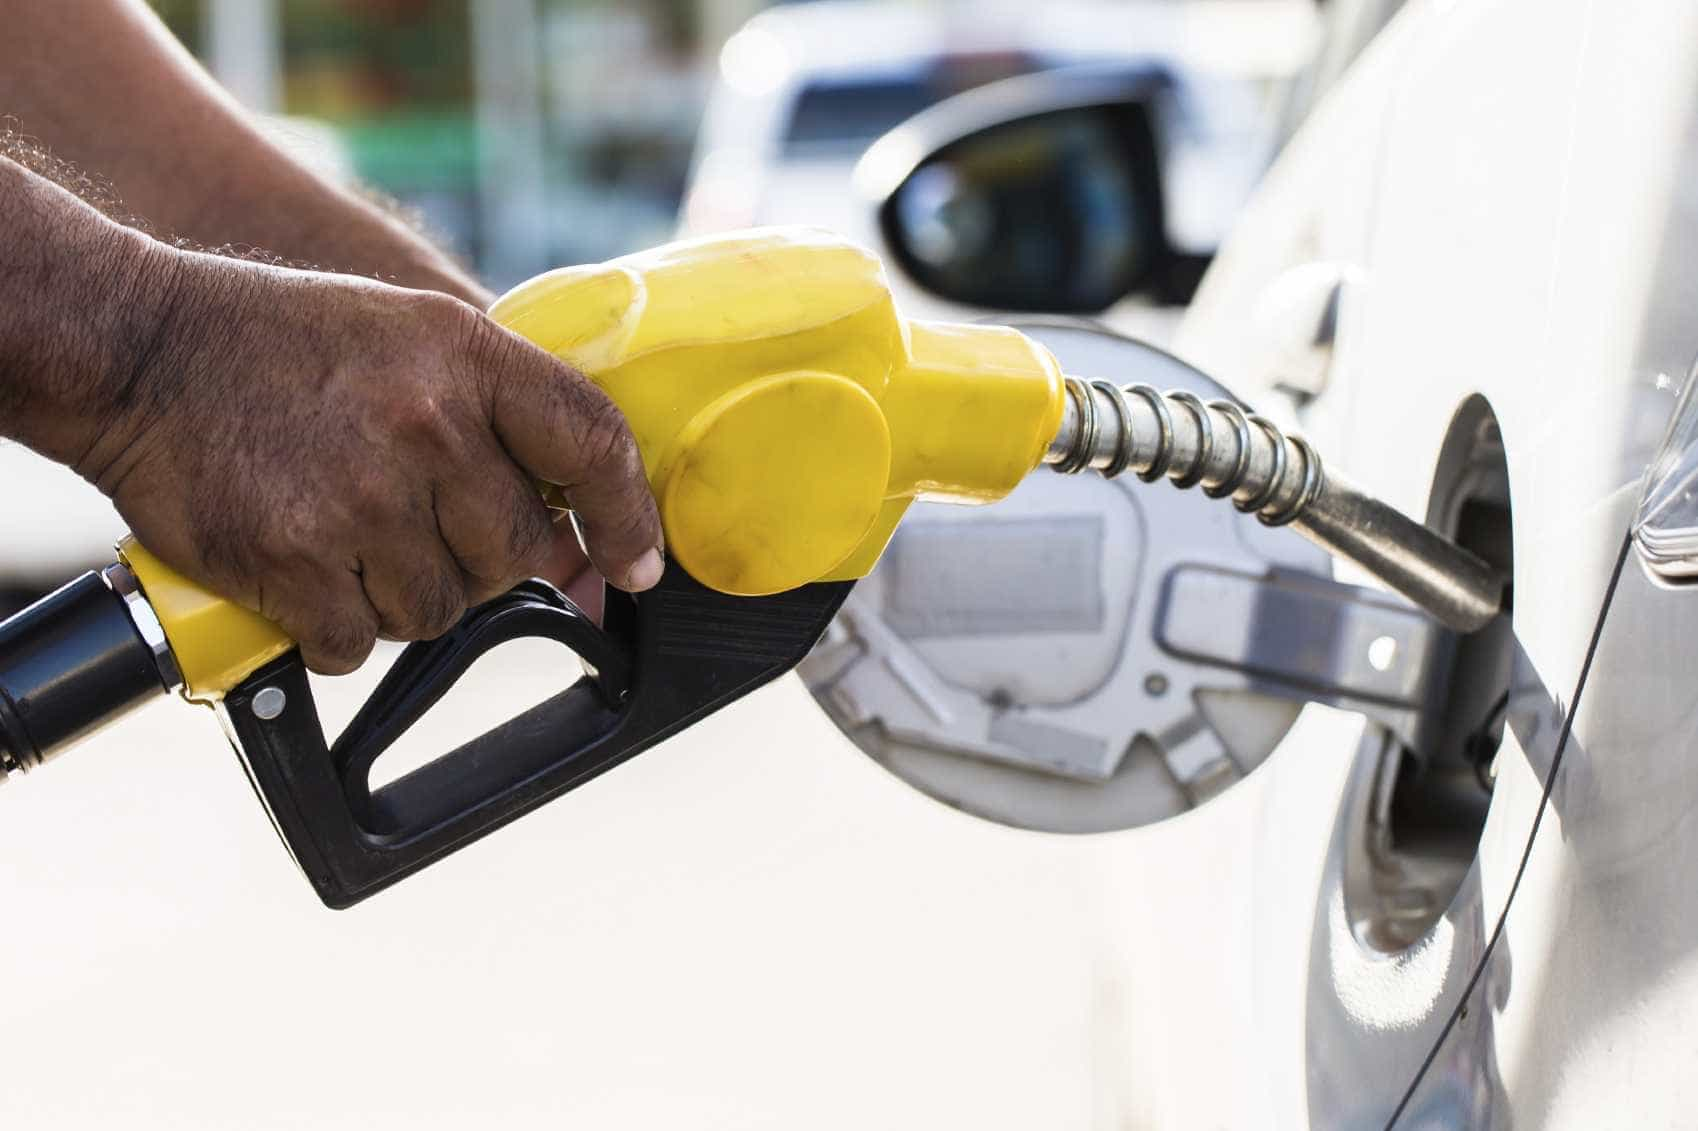 Governo baixa em 3 cêntimos ISP sobre gasolina a partir de 1 de janeiro